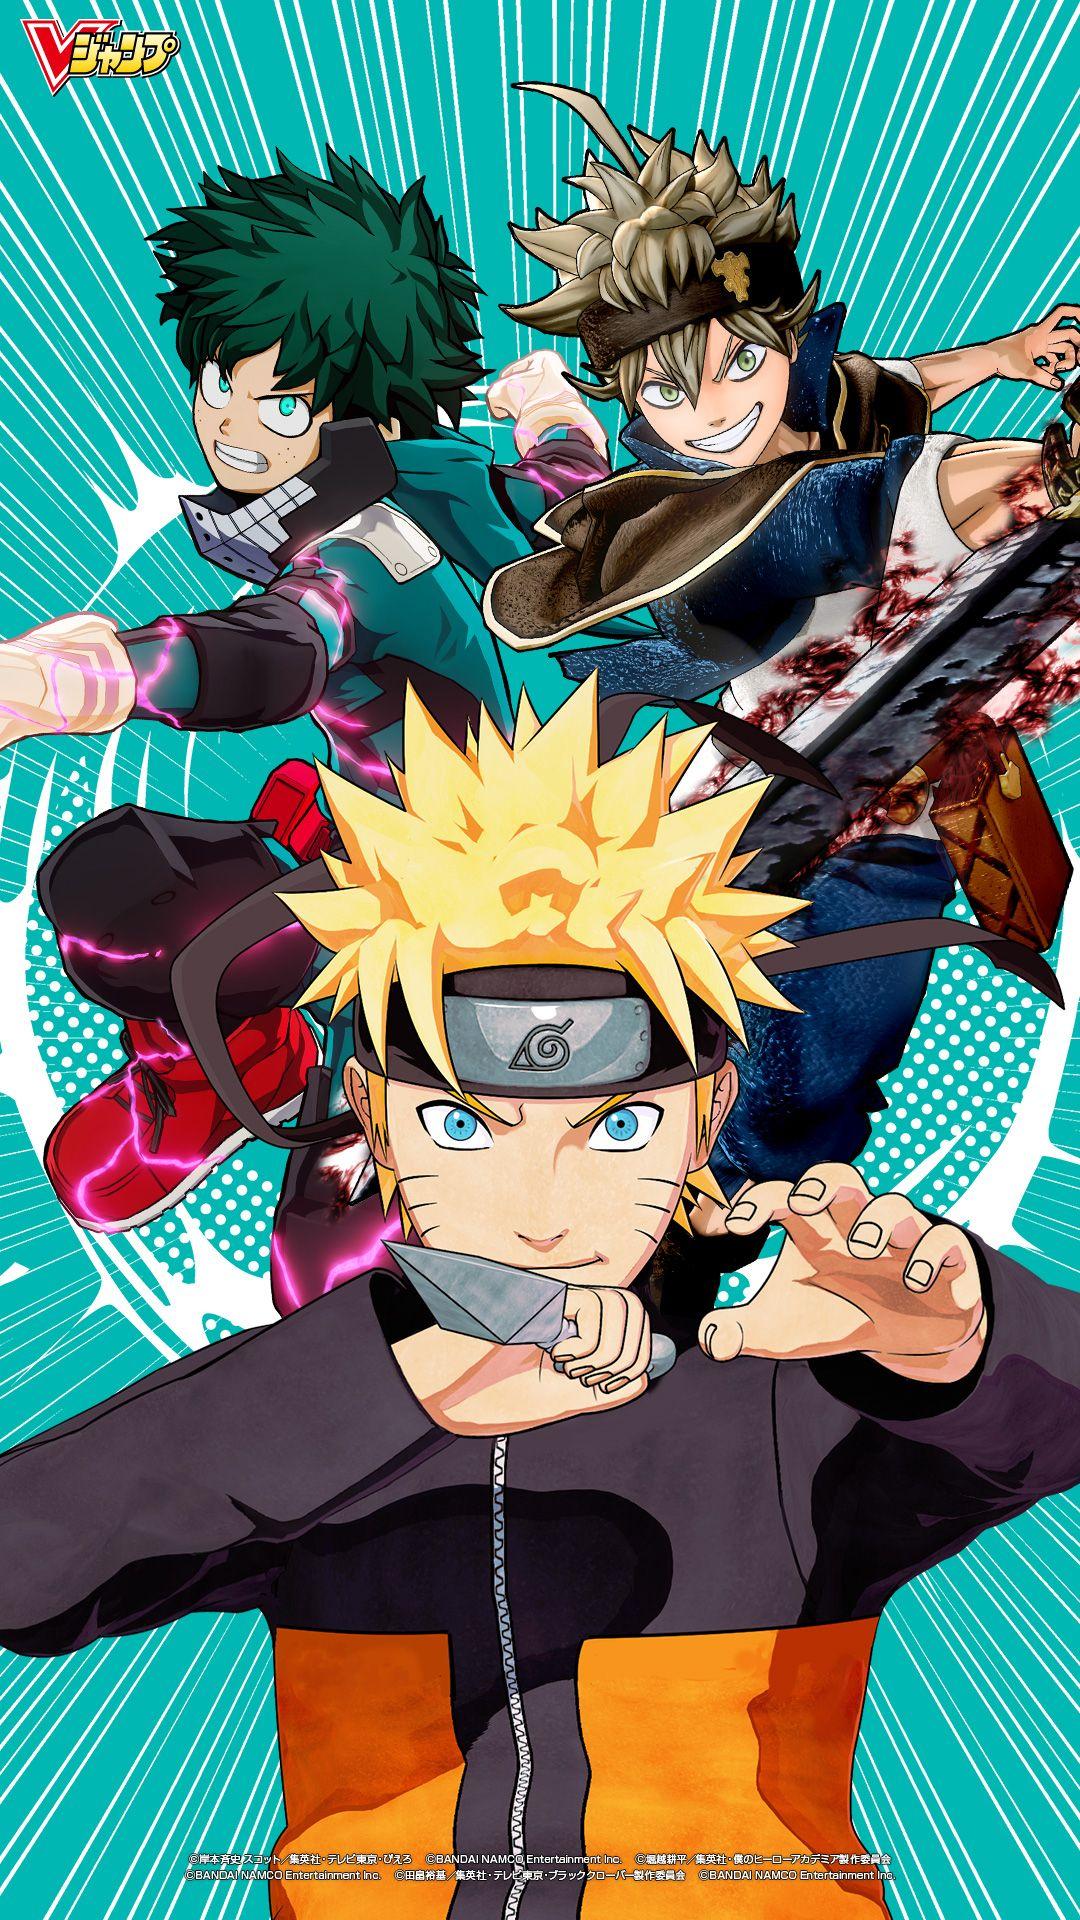 Anime Cool Deku Vs Naruto Wallpapers - Wallpaper Cave